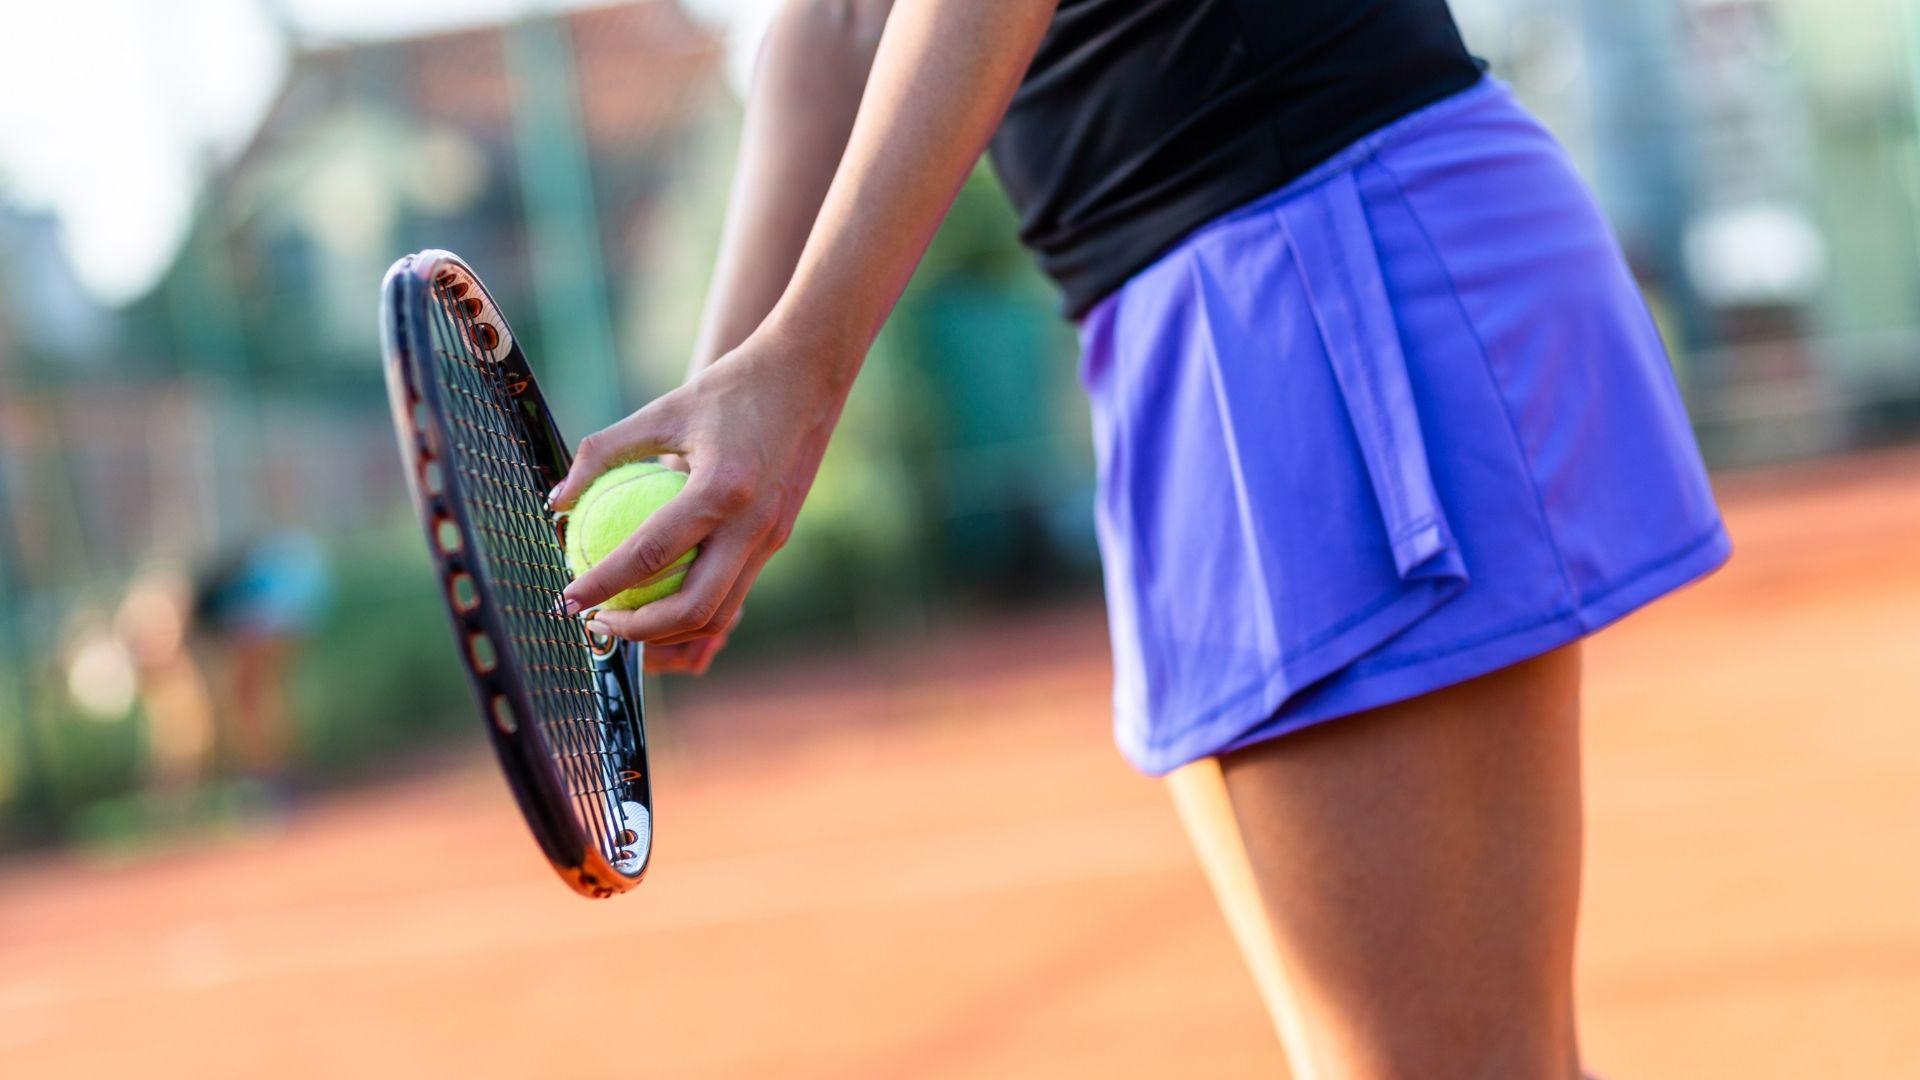 https://tennisclubvomero.it/Scuola%20Riservata%20Tennis